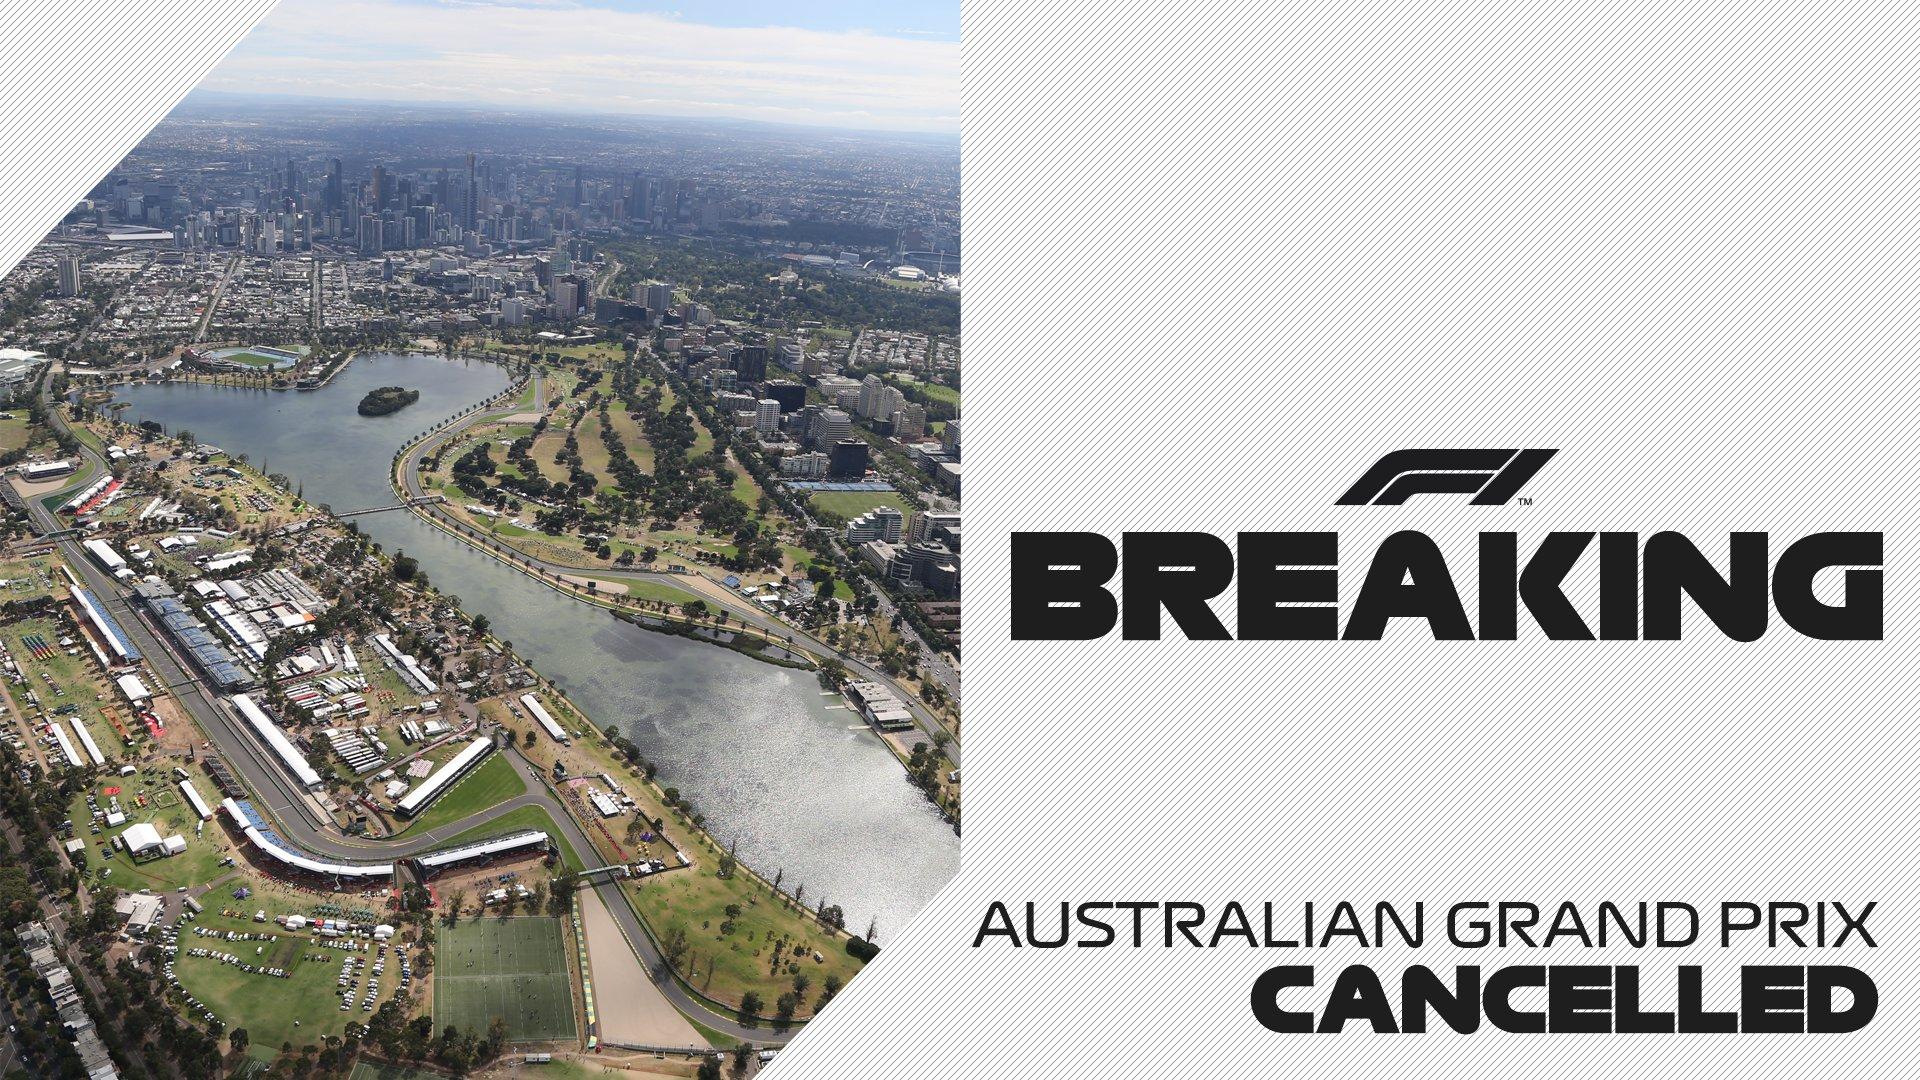 Le Grand Prix d'Australie est annulé